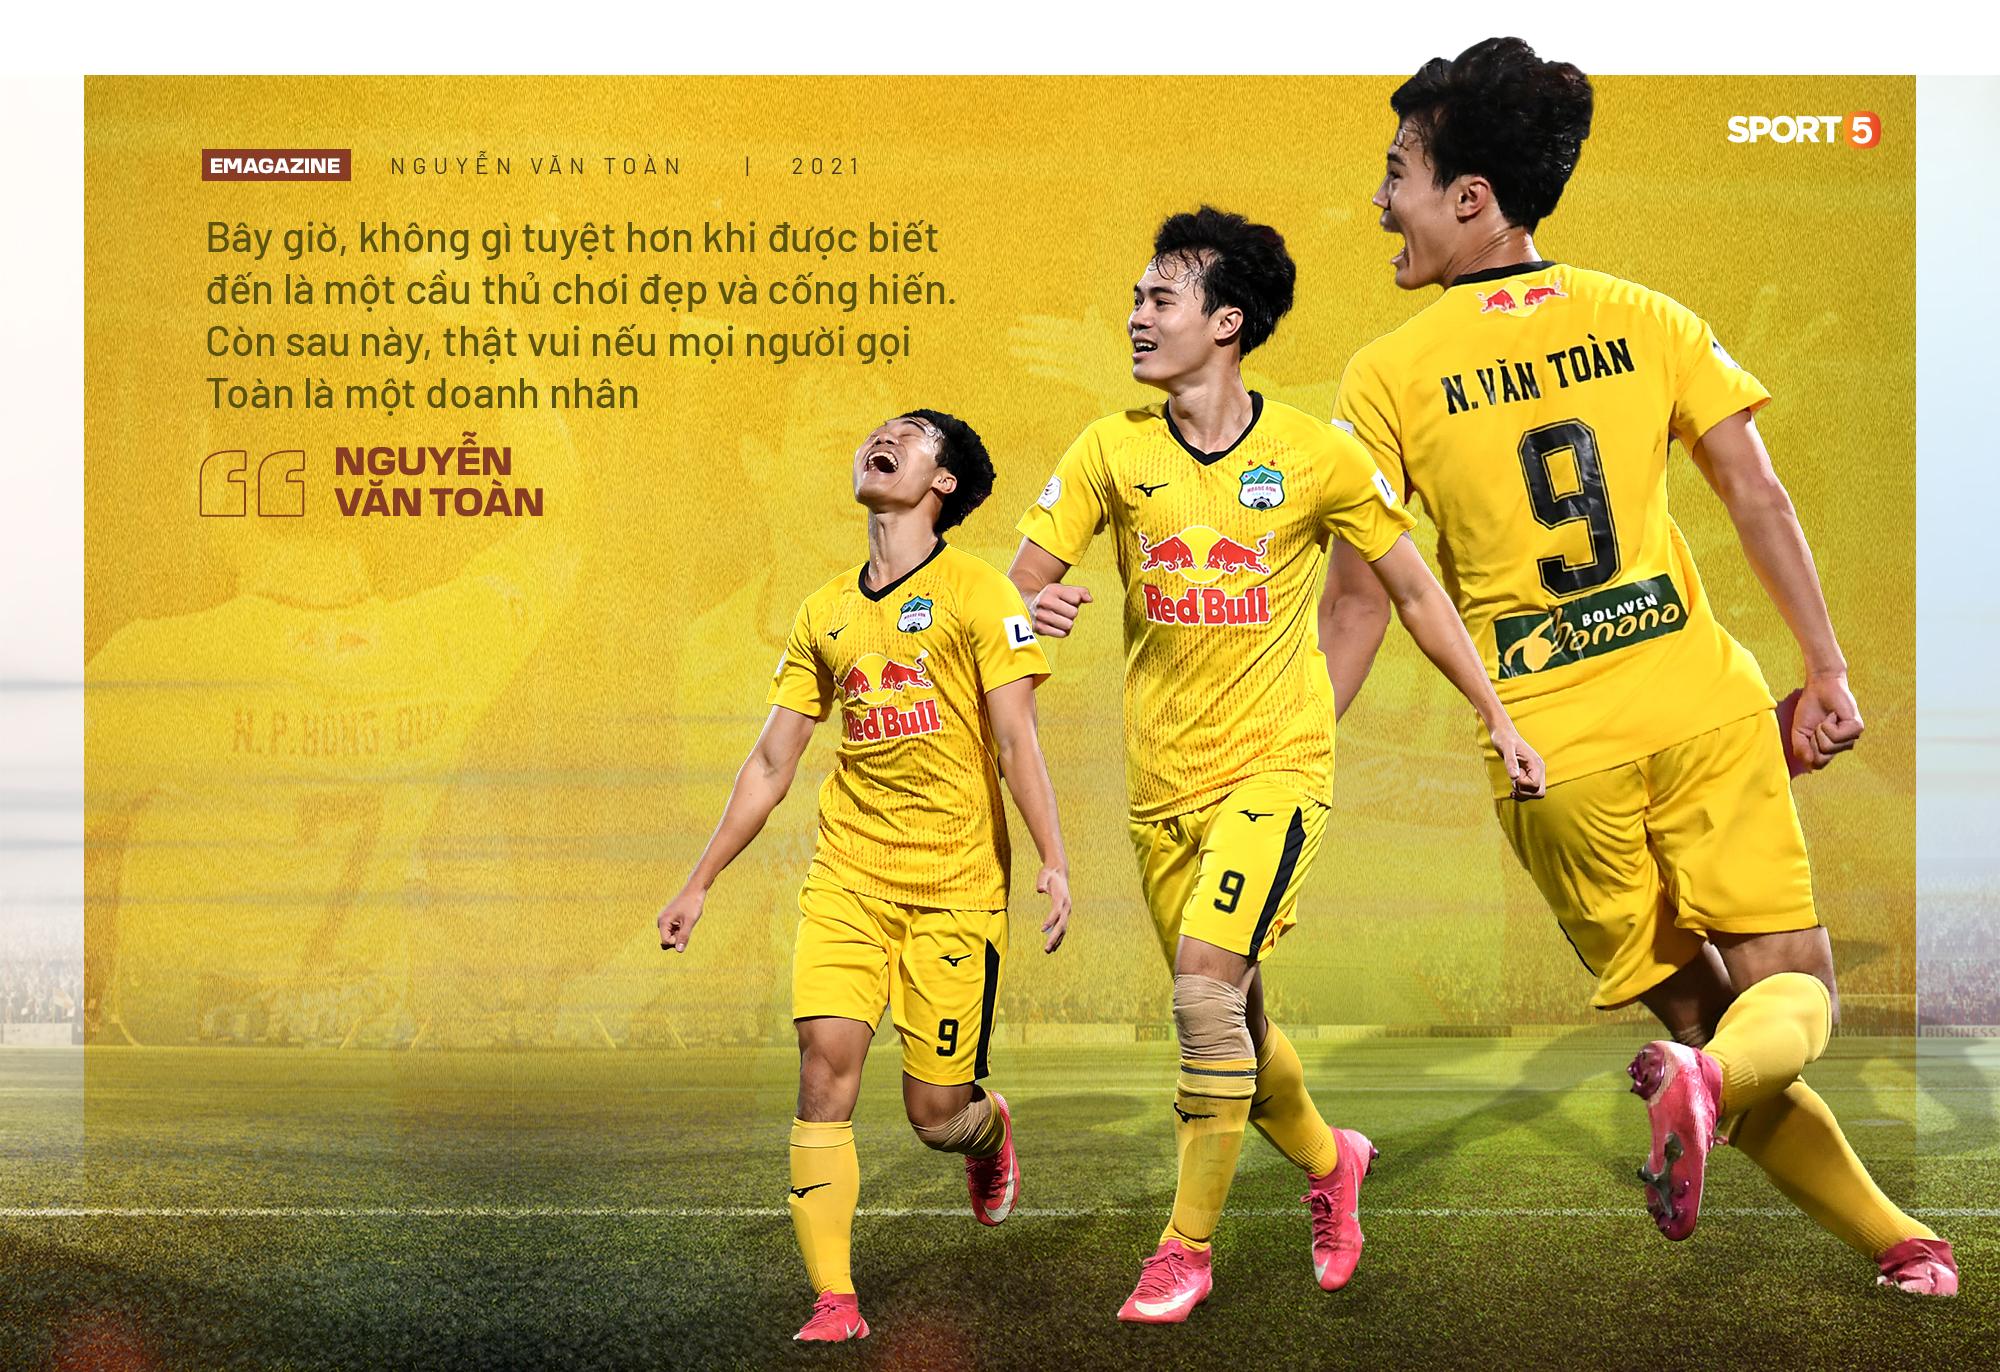 """Nguyễn Văn Toàn: """"Tôi muốn được nhớ đến là một cầu thủ thành công, và doanh nhân thành đạt"""" - Ảnh 5."""